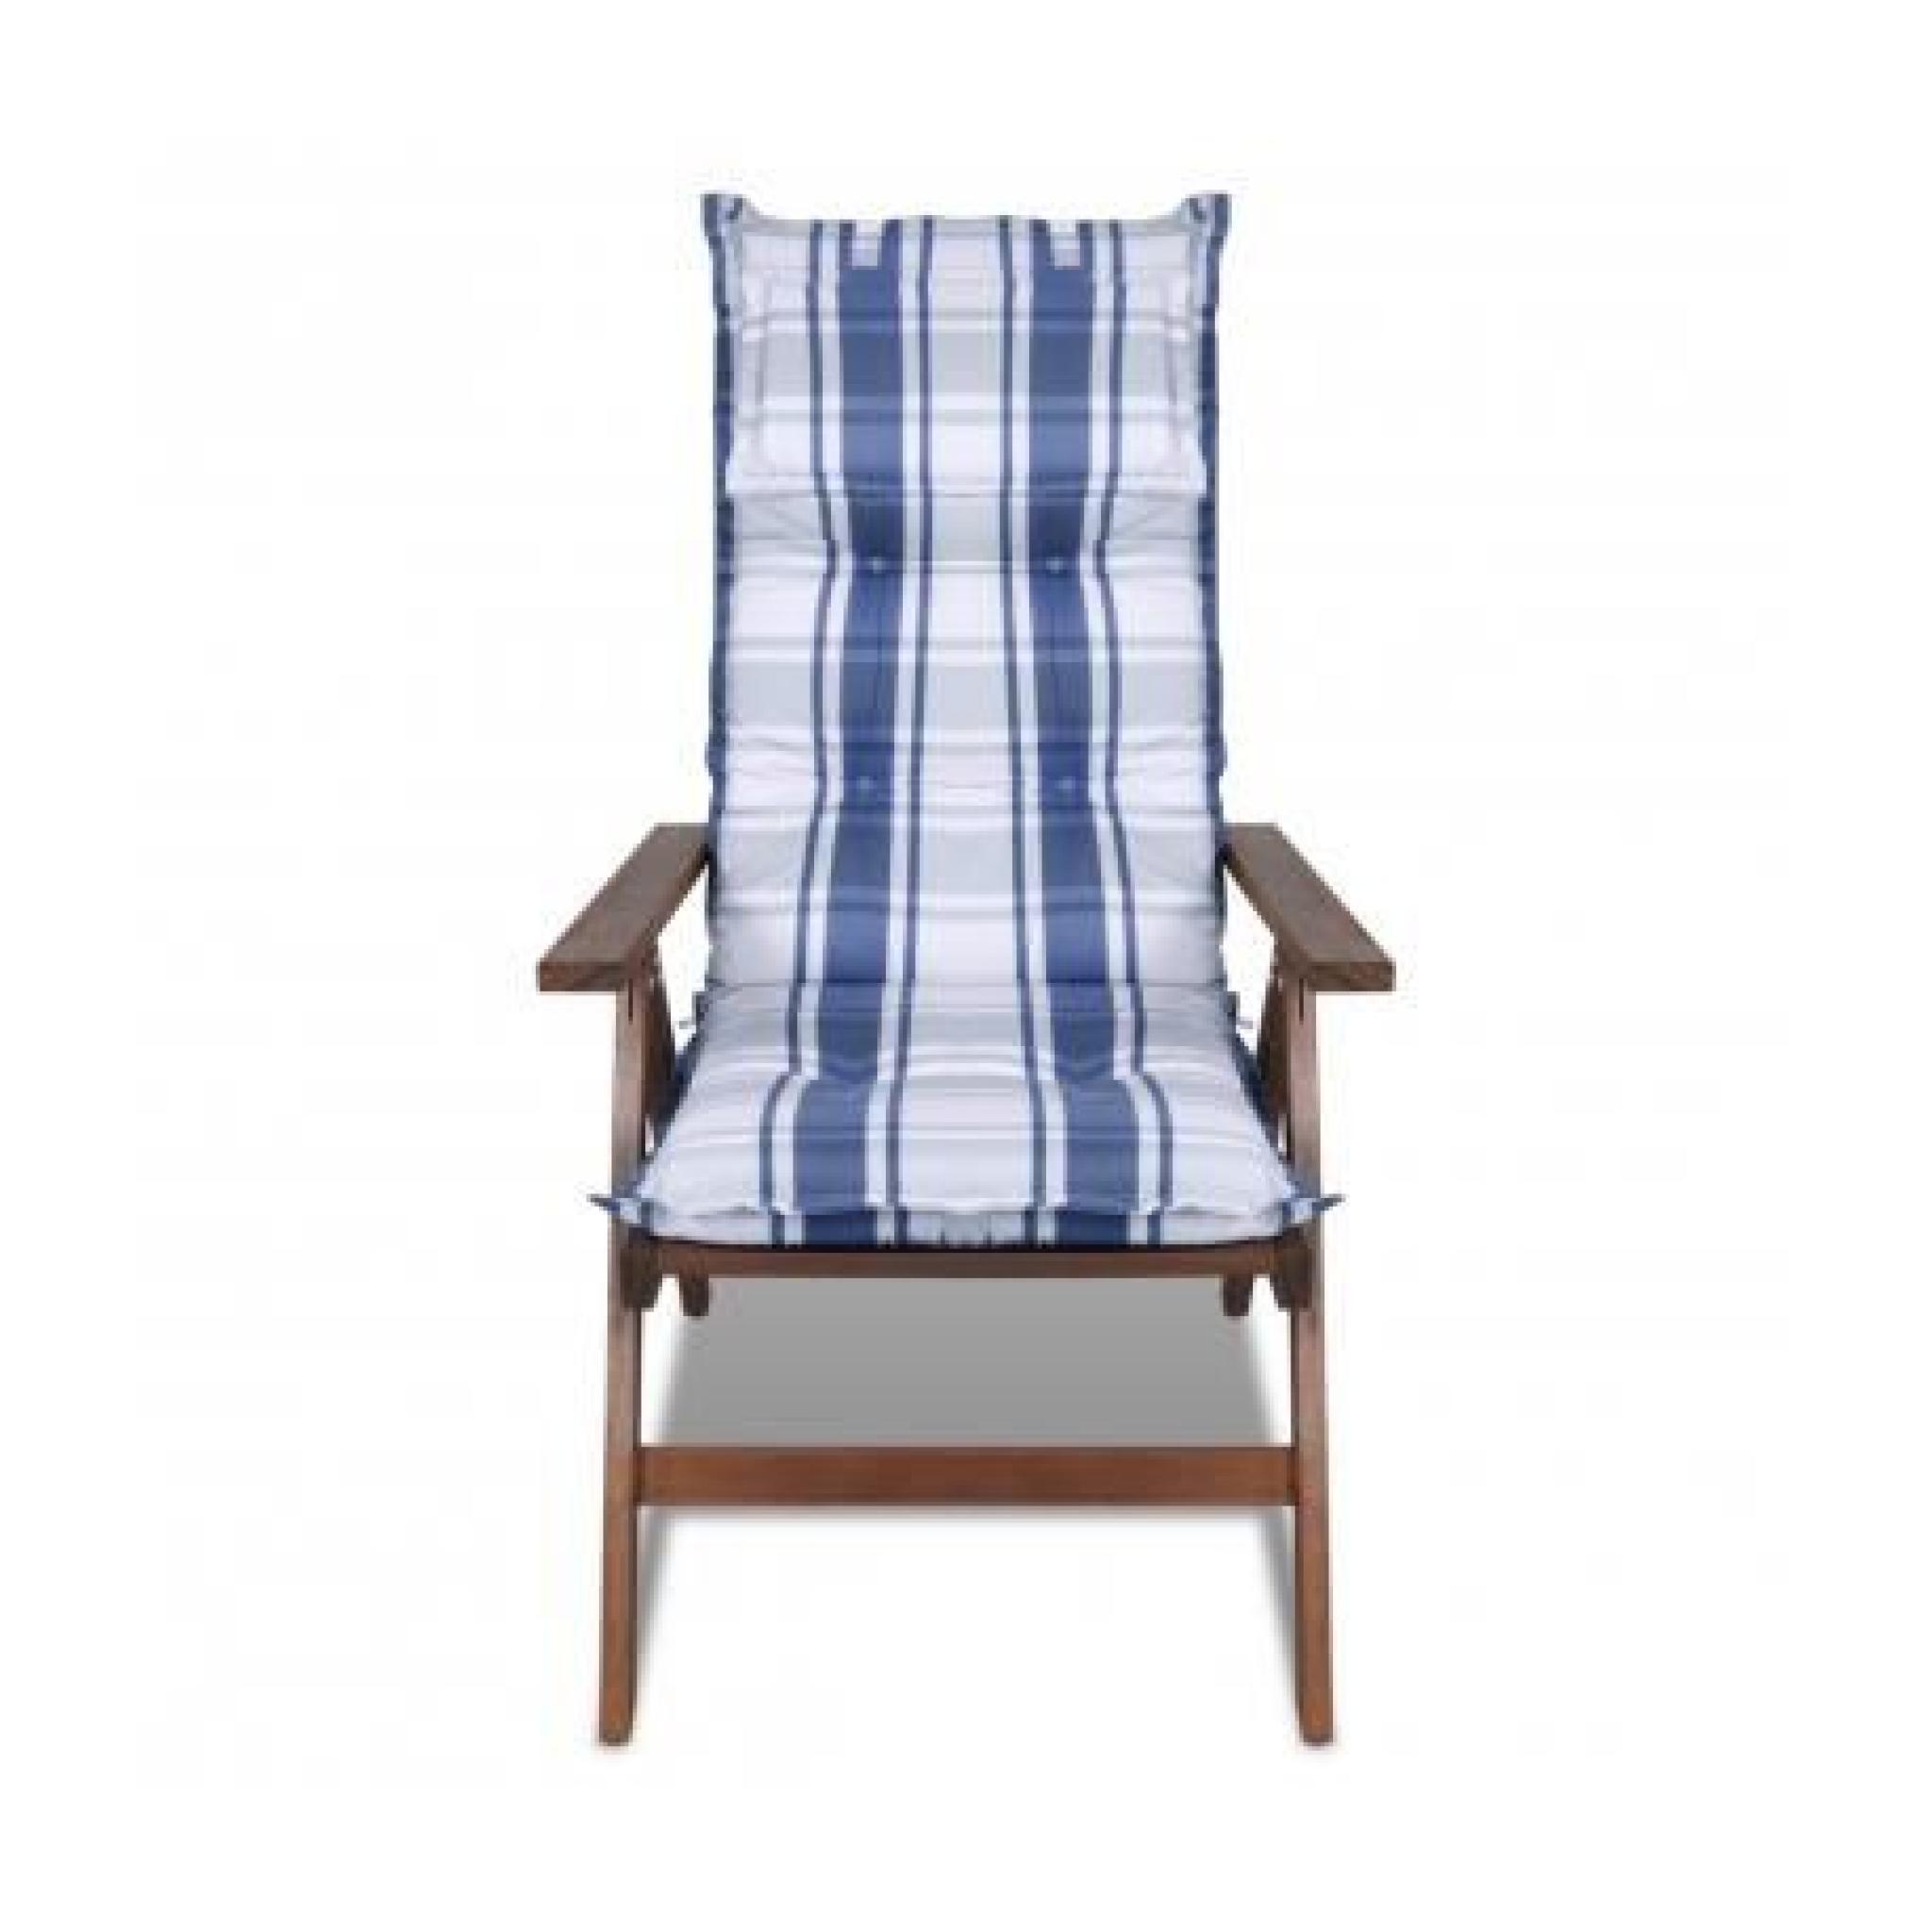 Coussin Pour Chaise De Jardin Bleu, 8Cm Dépaiss... tout Coussin De Jardin Pas Cher